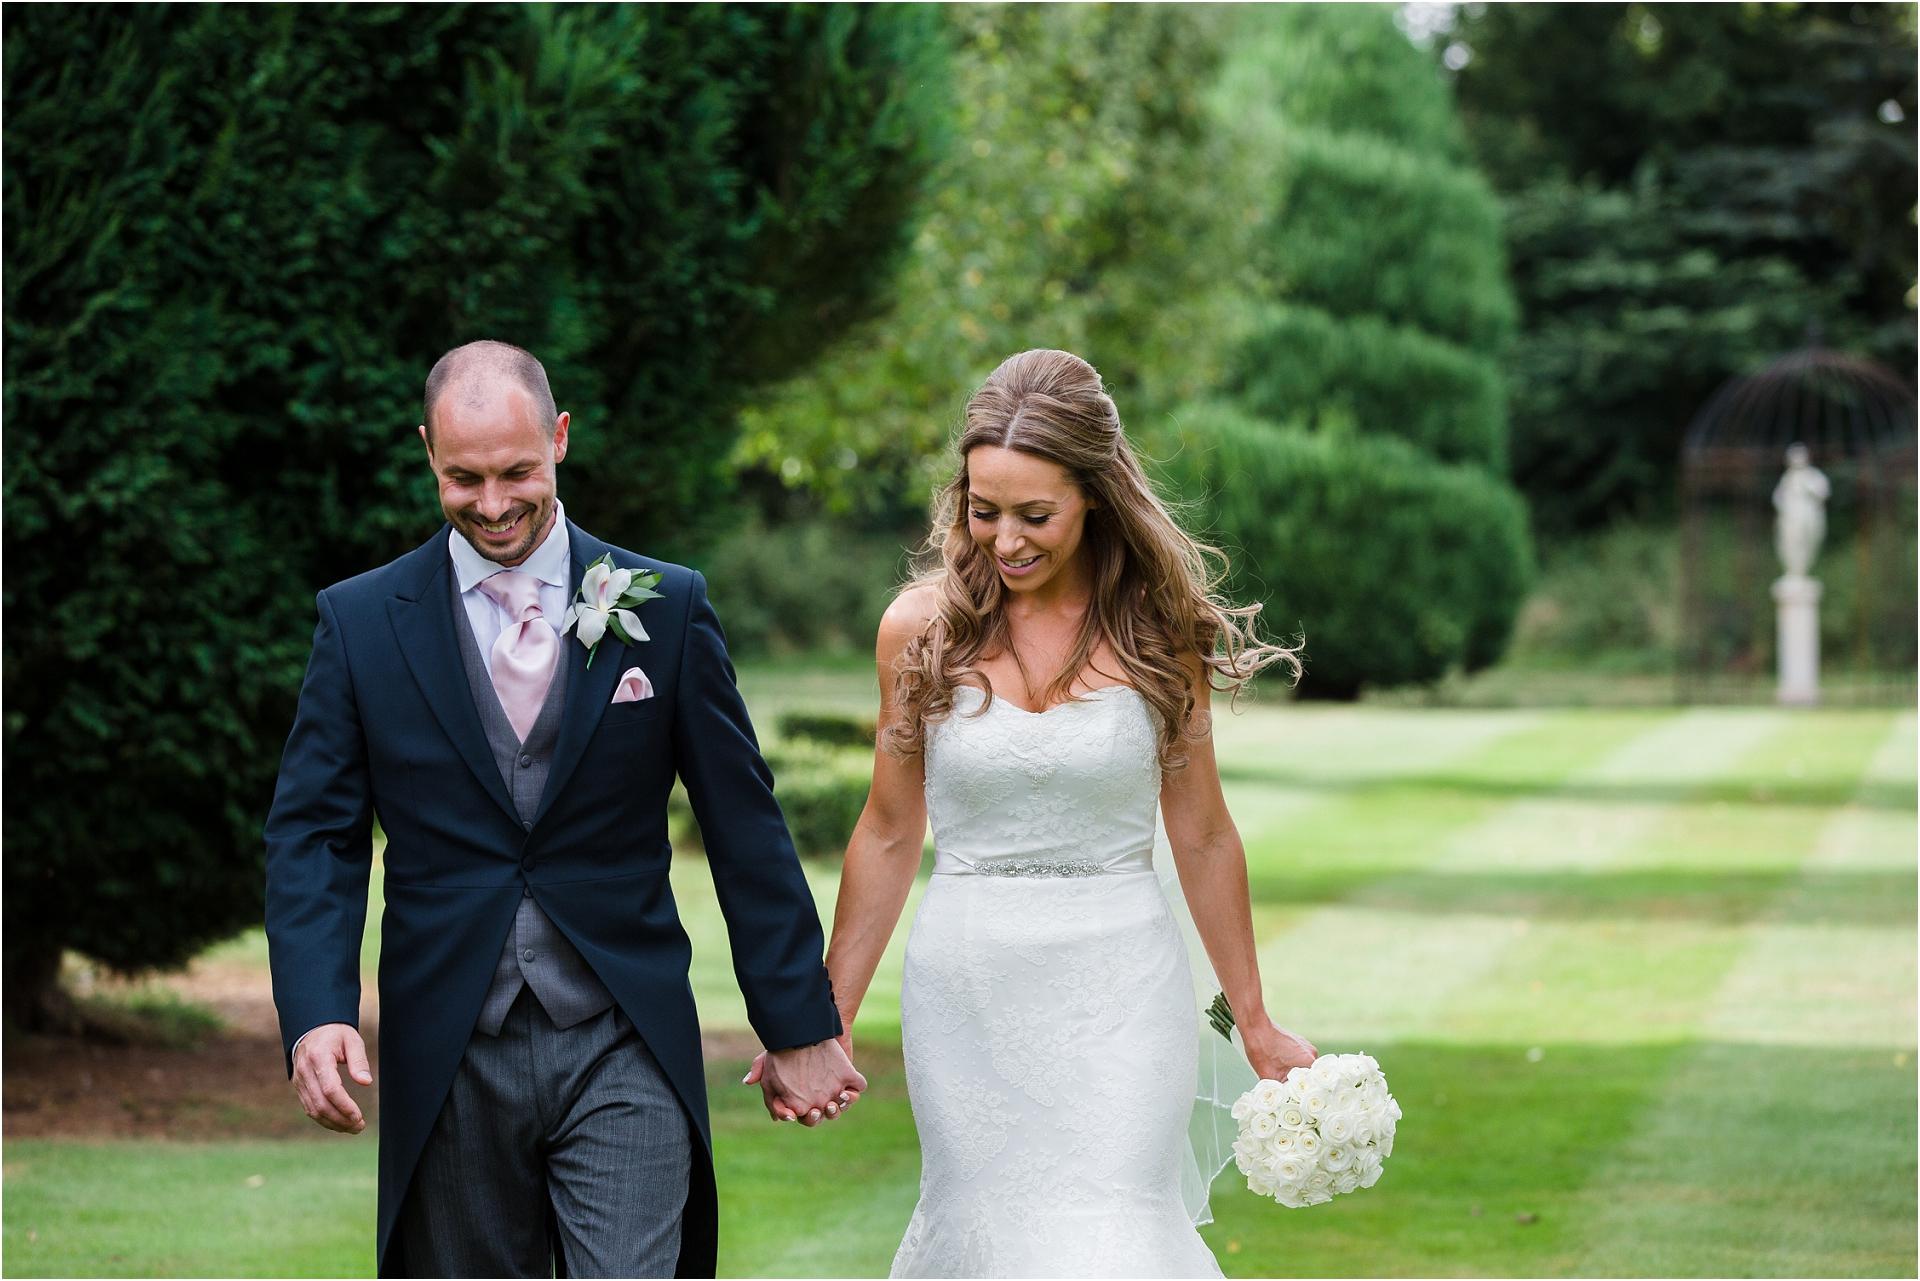 wedding-photography-norwood-park_0050